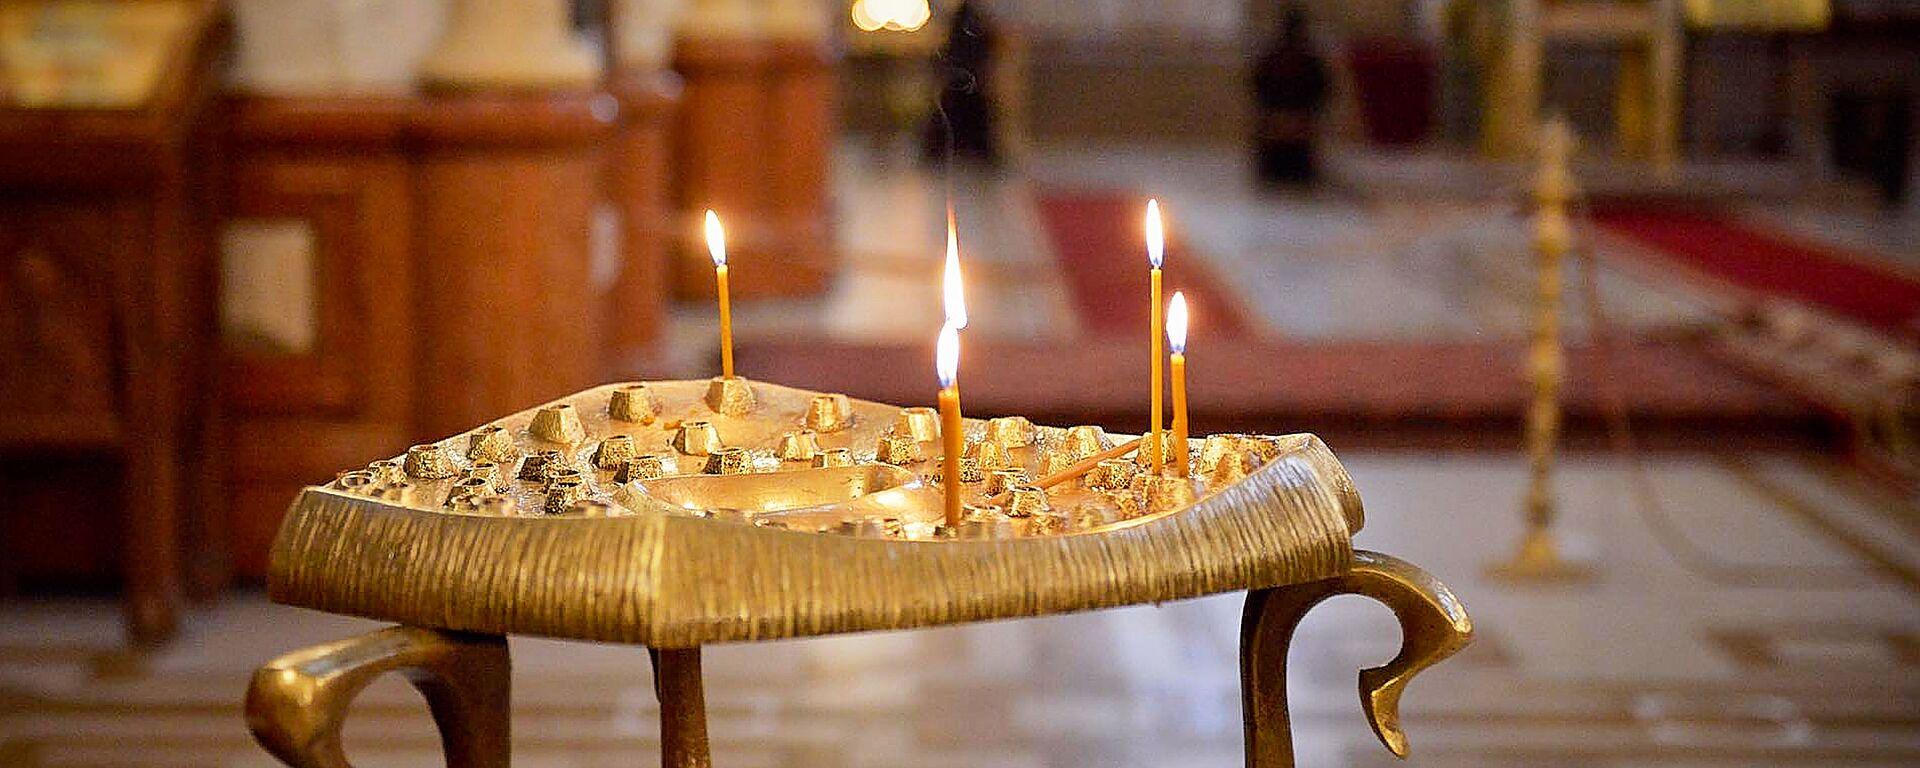 Горящие свечи в храме. Кафедральный собор Святой Троицы Самеба во время карантина - Sputnik Грузия, 1920, 26.10.2020